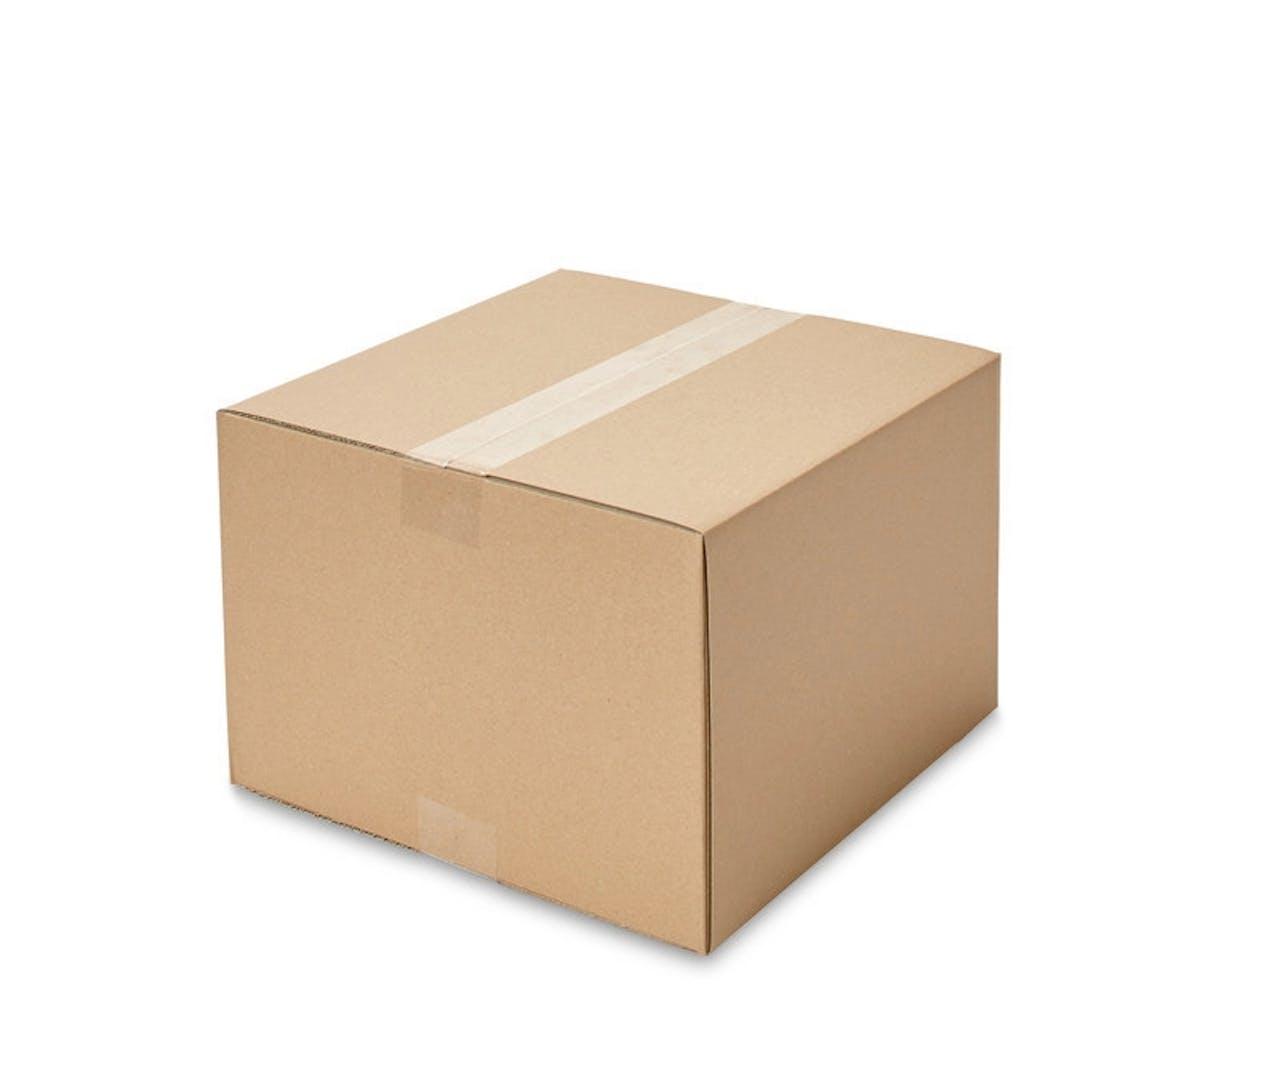 Caisses pliantes carton ondulé ECONOMY, 200à 299mm de longueur